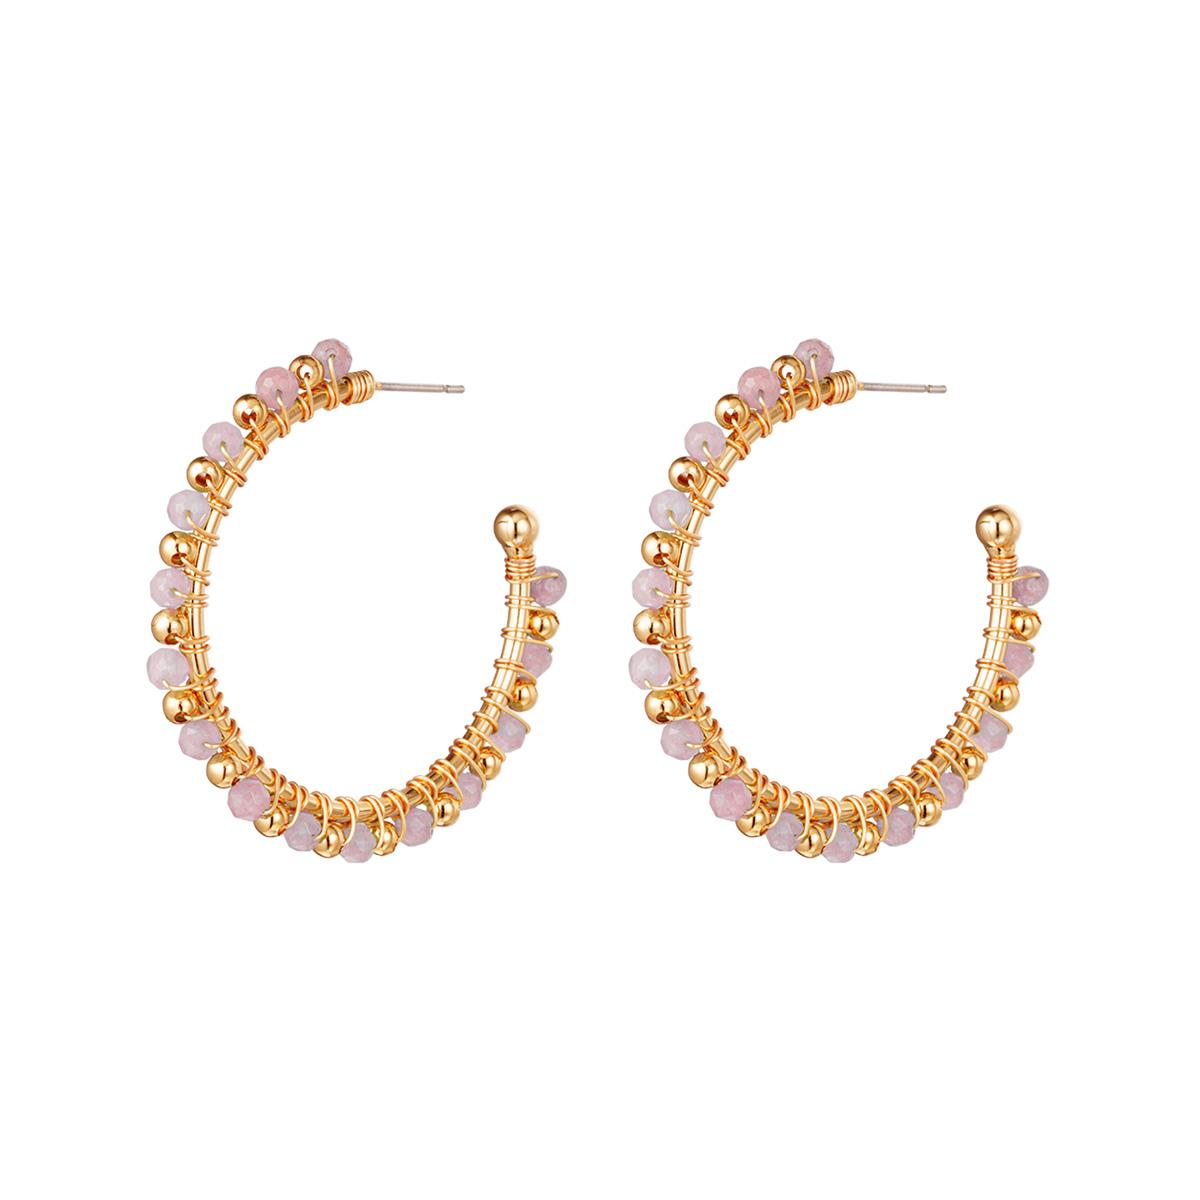 Oorbellen Beaded Hoops roze goud gouden oorbellen roze steentjes trendy fashion sieraden oorbel kopen